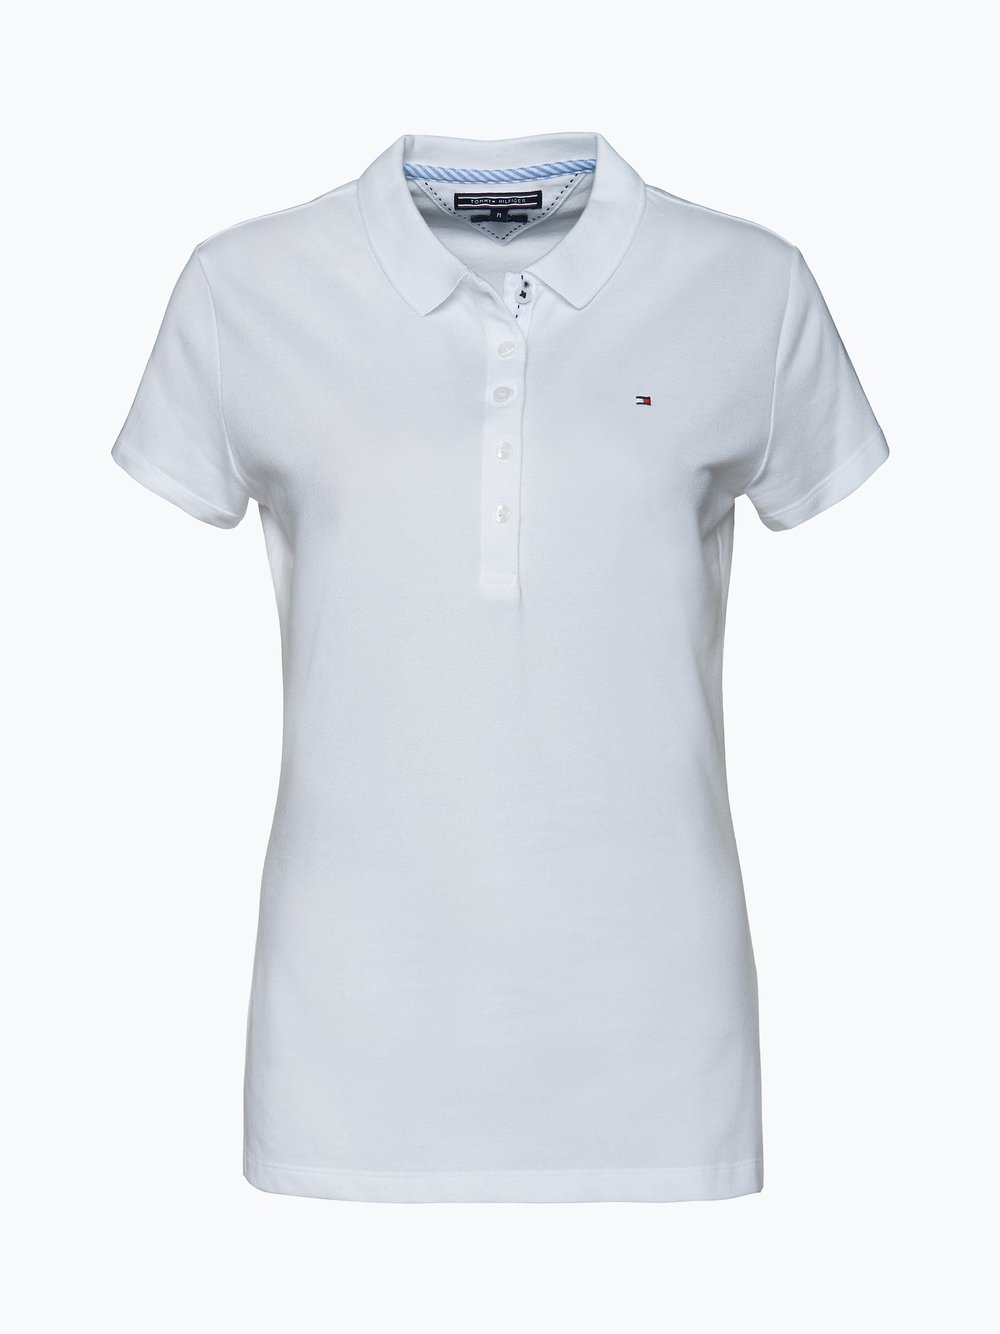 exklusives Sortiment wie man wählt schöner Stil Tommy Hilfiger Poloshirt Slim Fit Damen - Nils Stucki ...